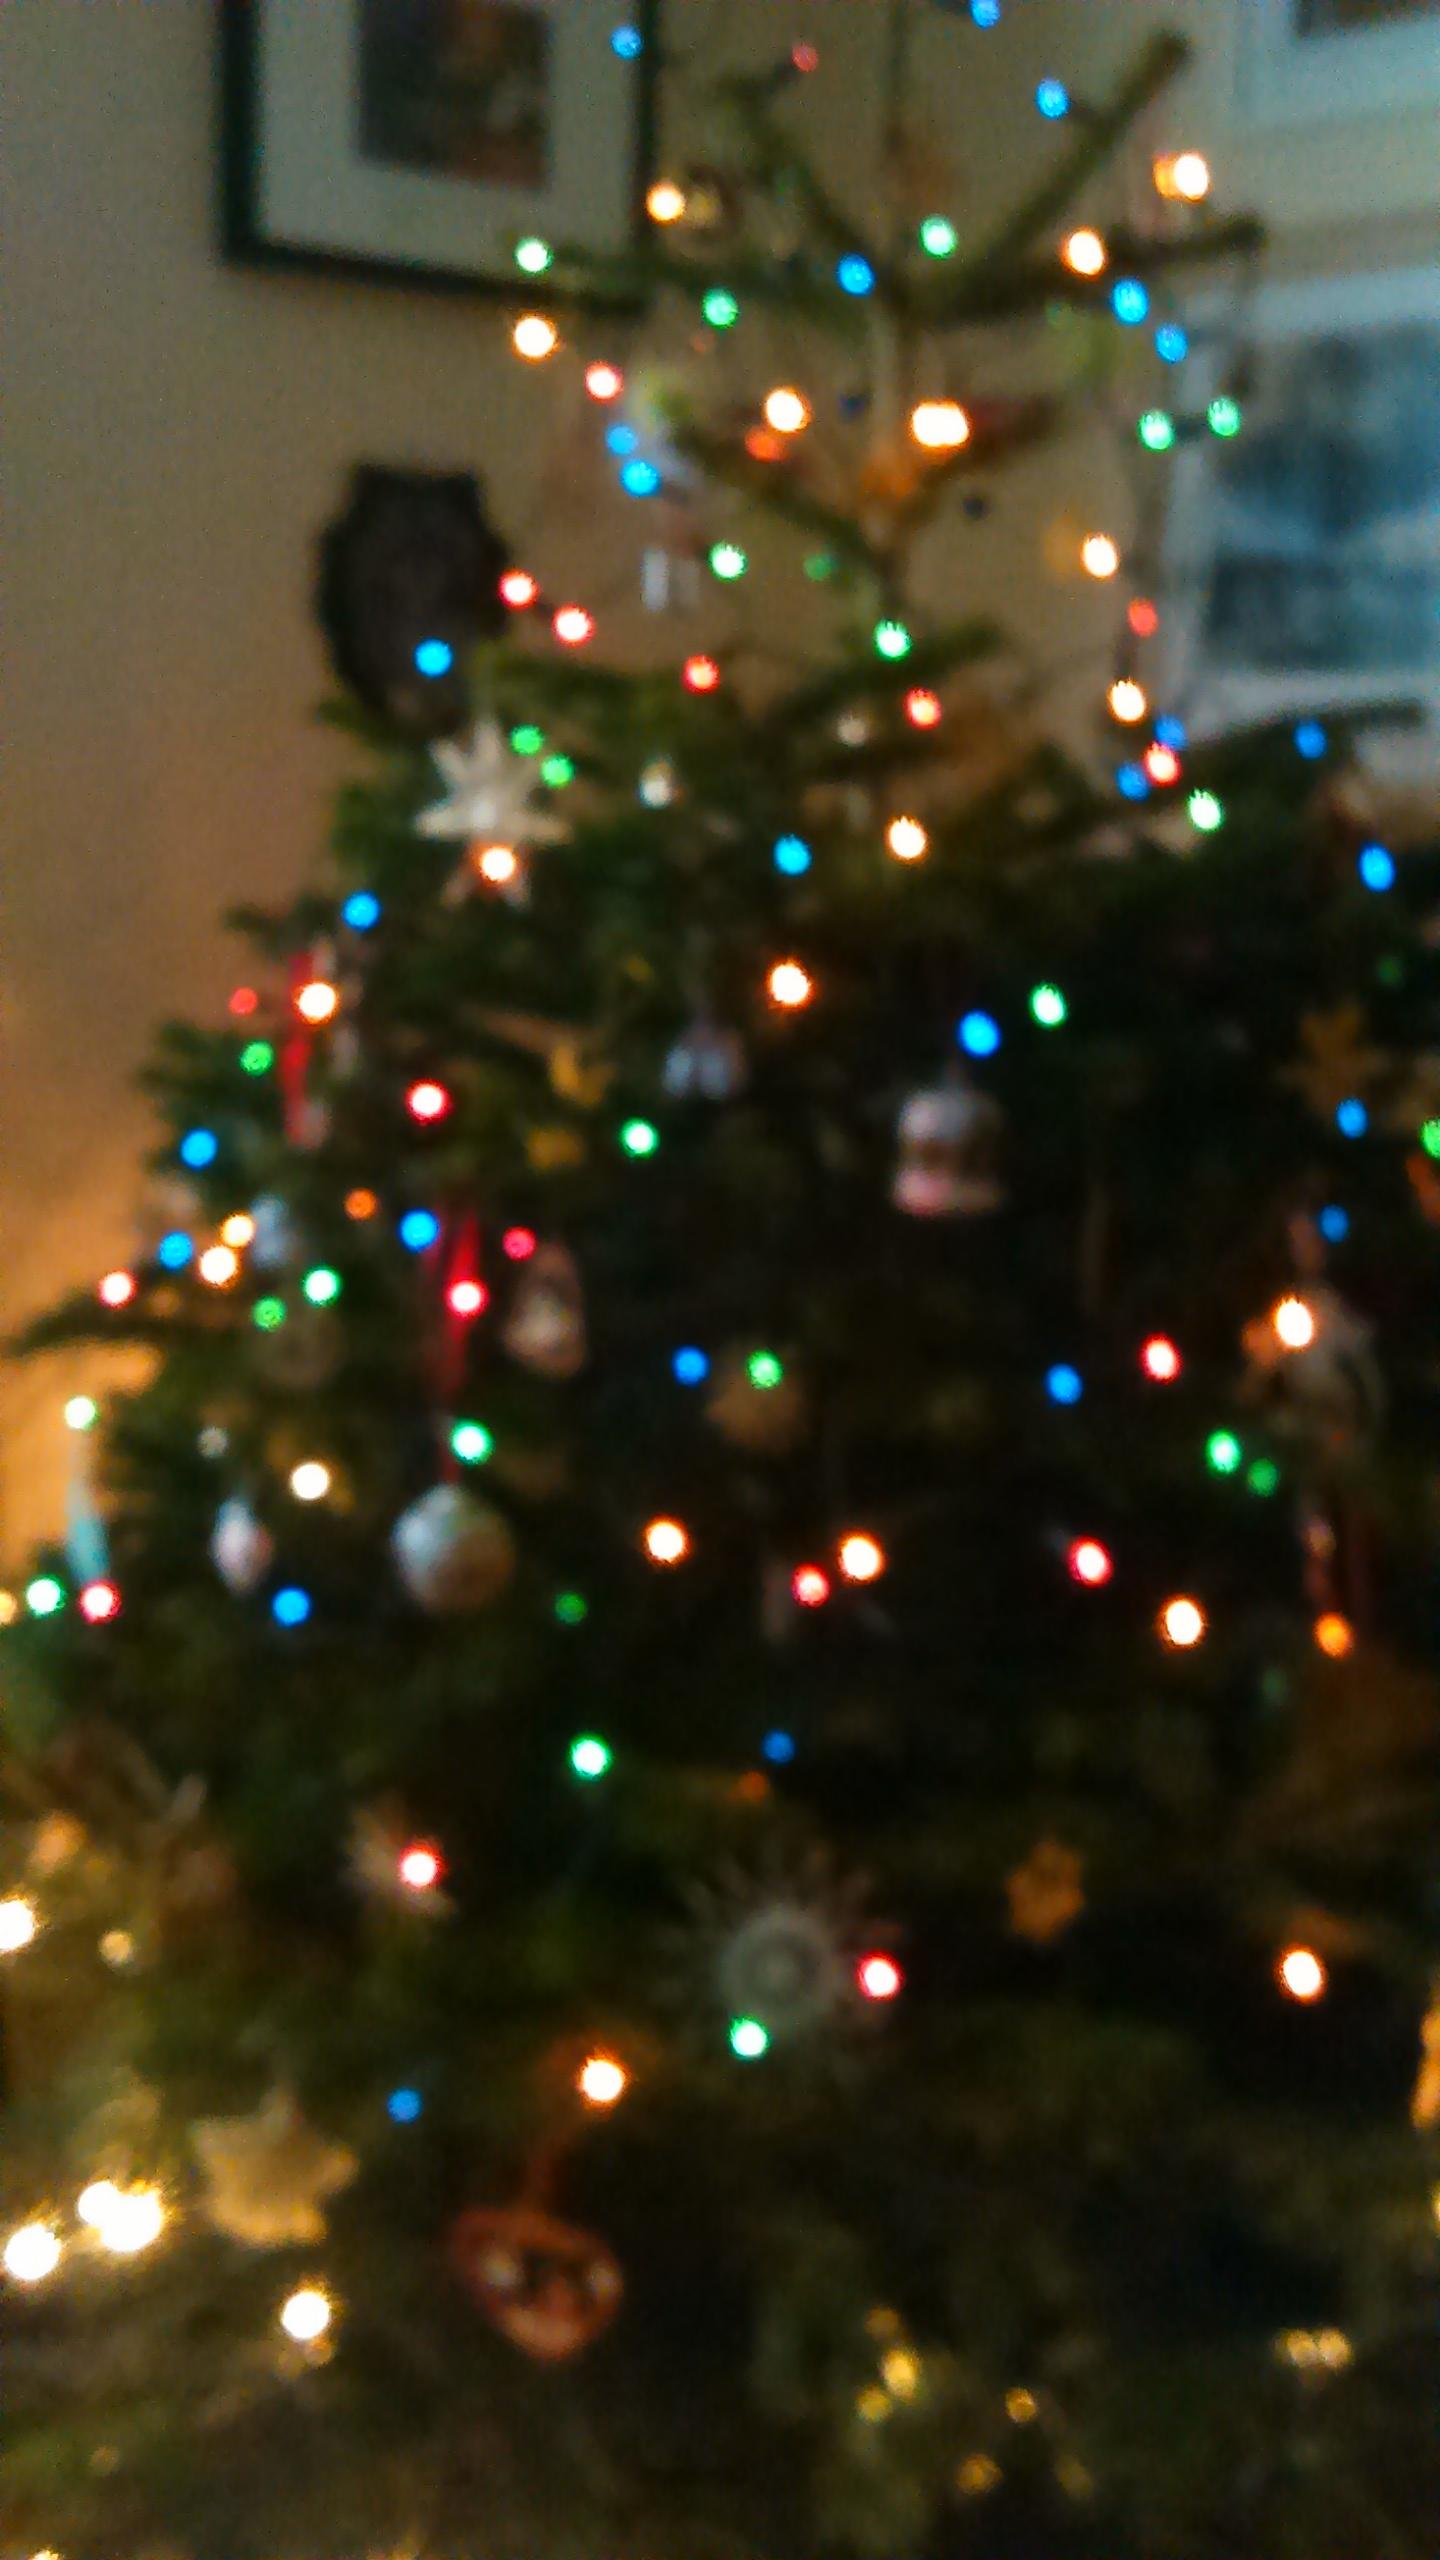 Tree in festive mood